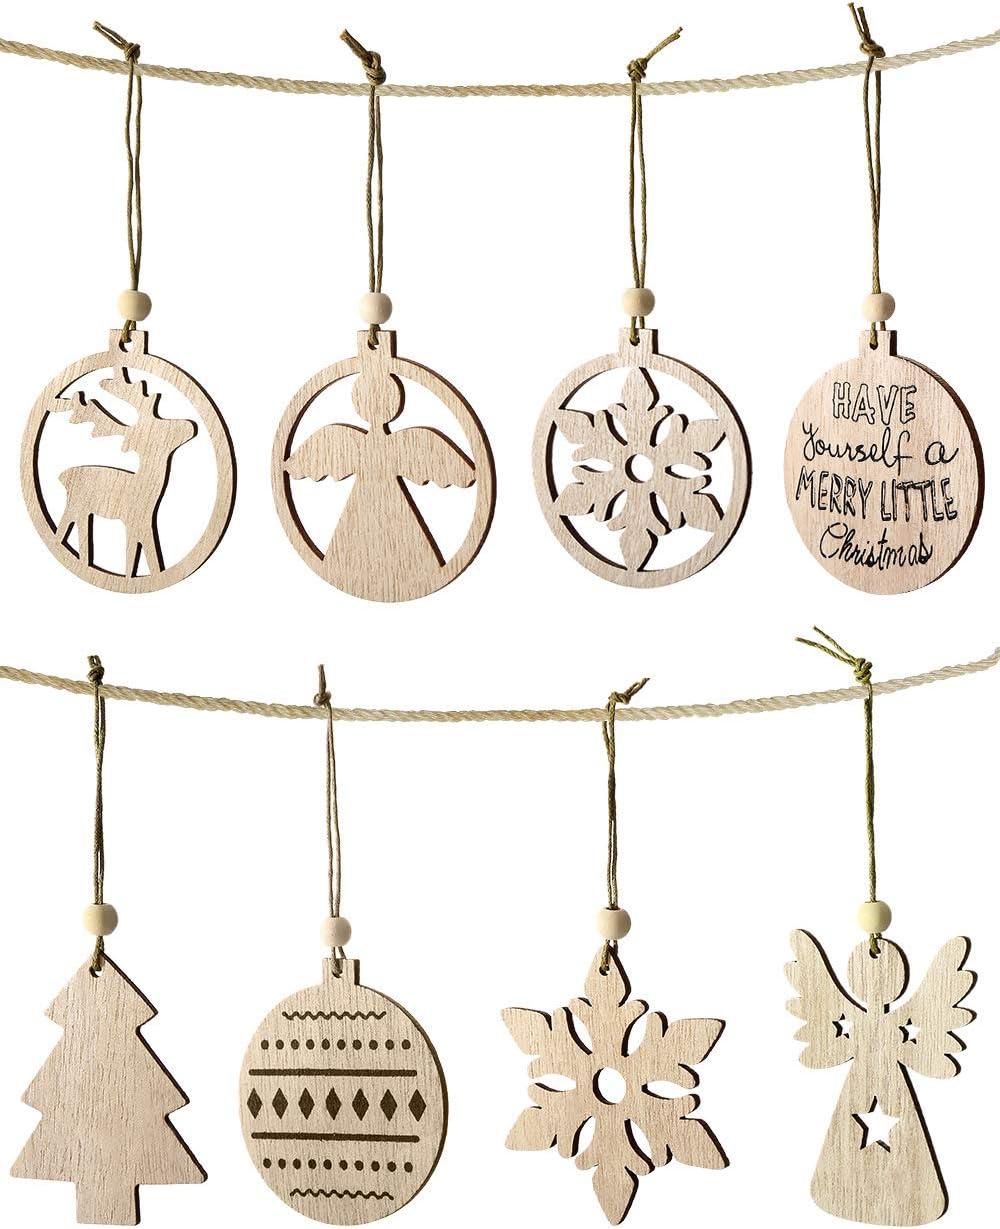 Aitsite Colgante Navideño de Madera 48 Piezas, Adornos árbol Navidad, Adornos de Madera de Navidad para Etiquetas de Regalo, Árbol de Navidad/Alce/Copos de Nieve/Ángel/Bola, 8 Formas